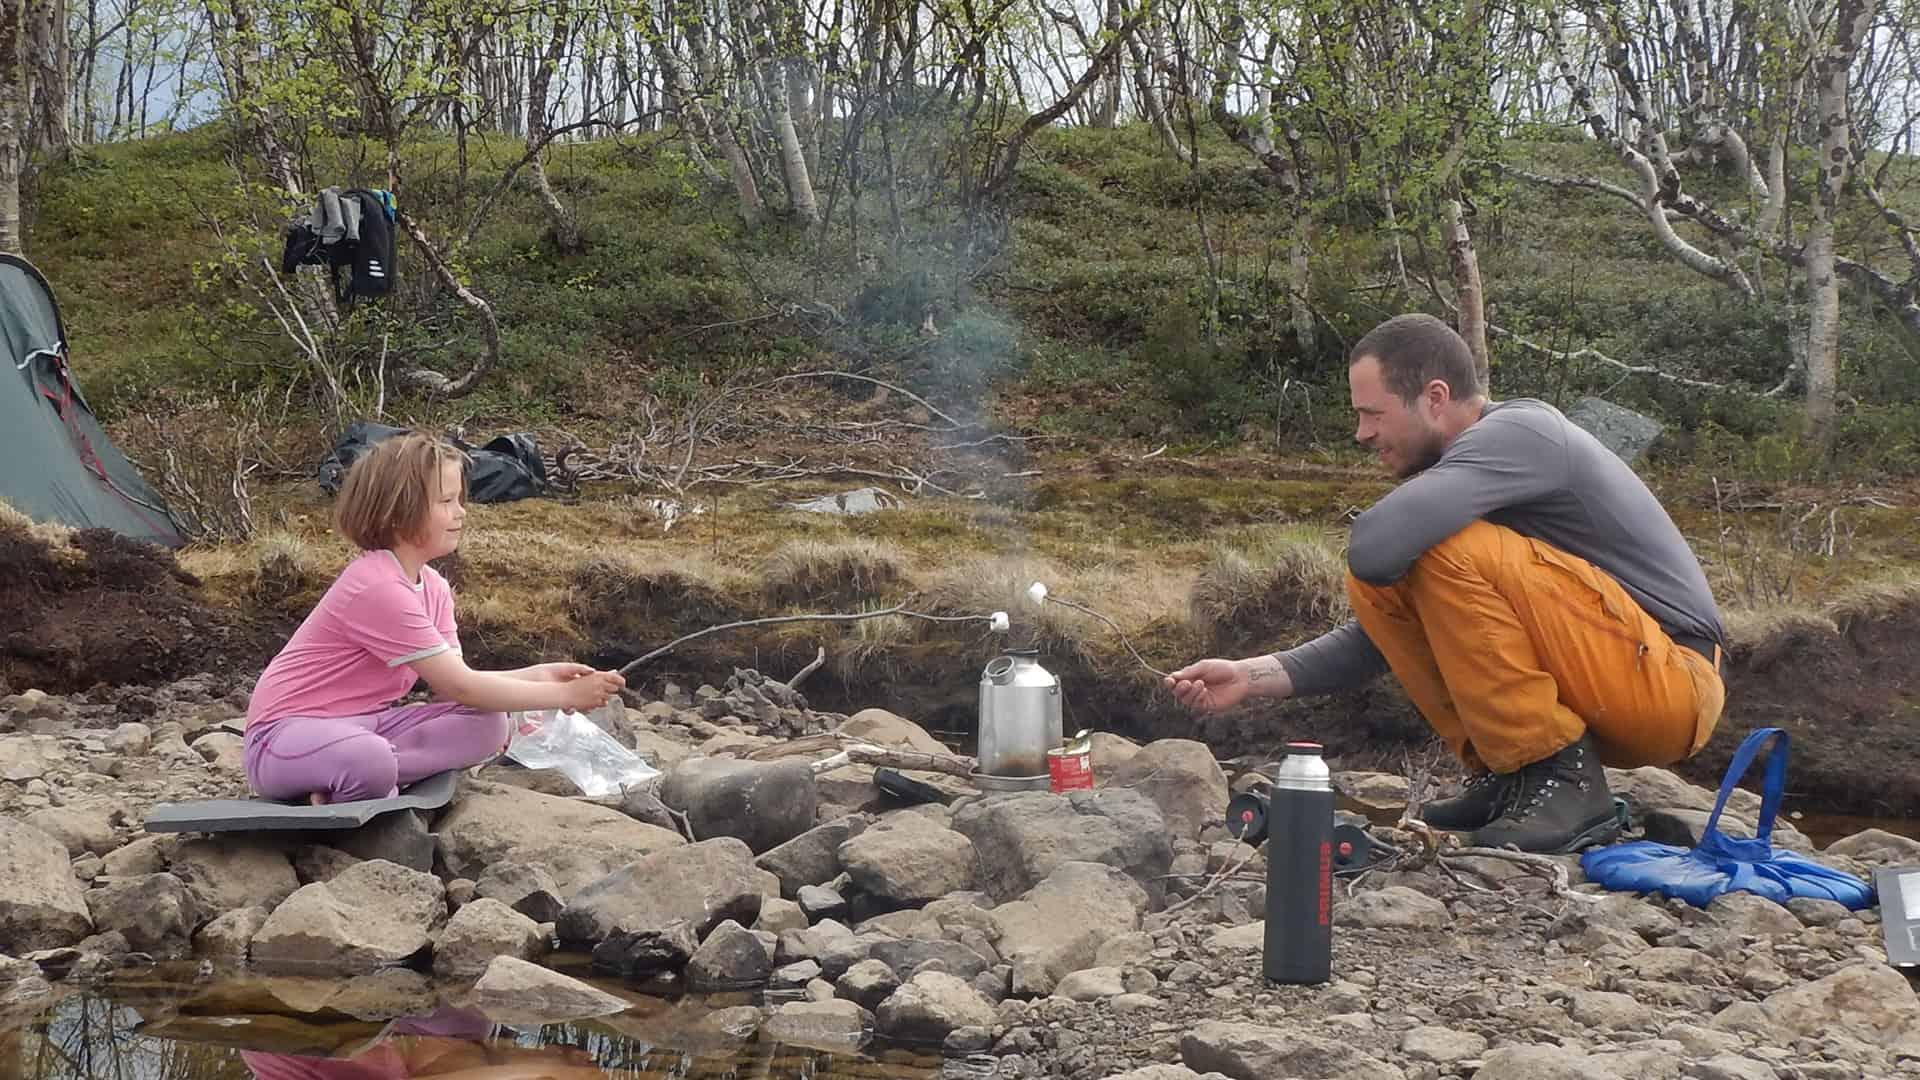 Far og datter i Vildmarken, Nordsverige, foredrag, Erik B. Jørgensen, Vi laver varmt vand og rister skumfiduser